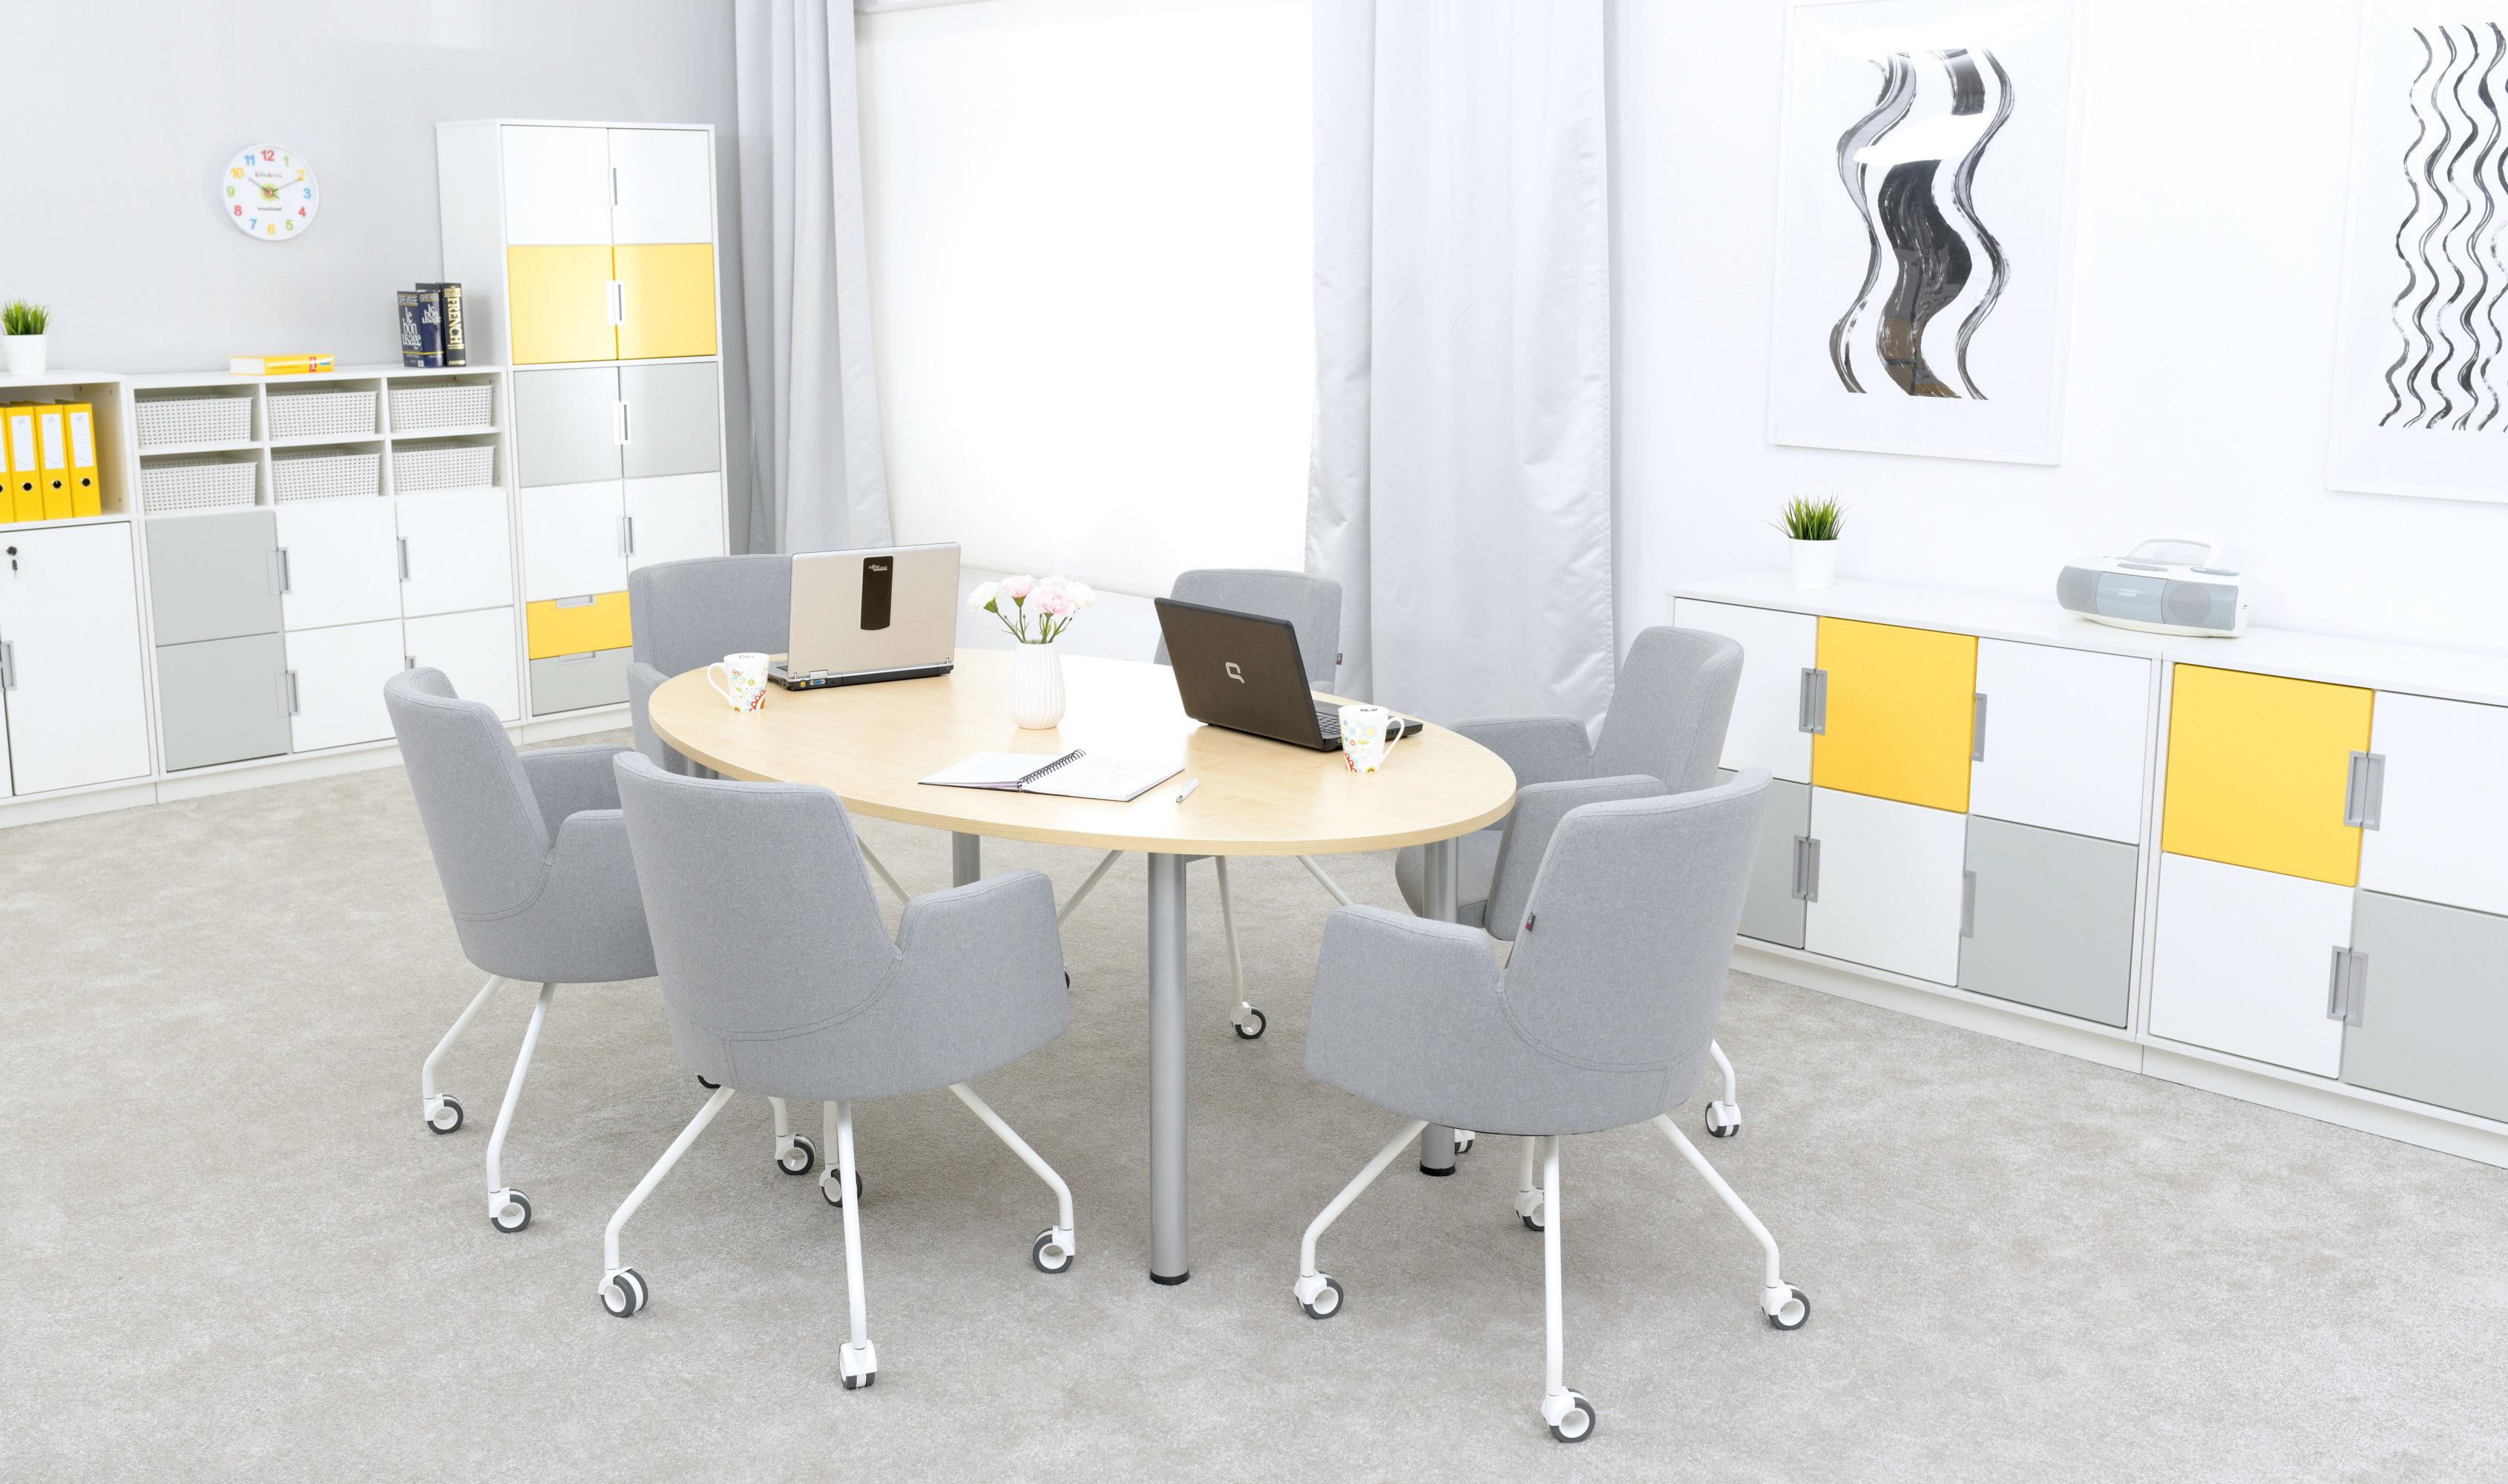 Pokój nauczycielski z dużym stołem i meblami z kolekcji Quadro